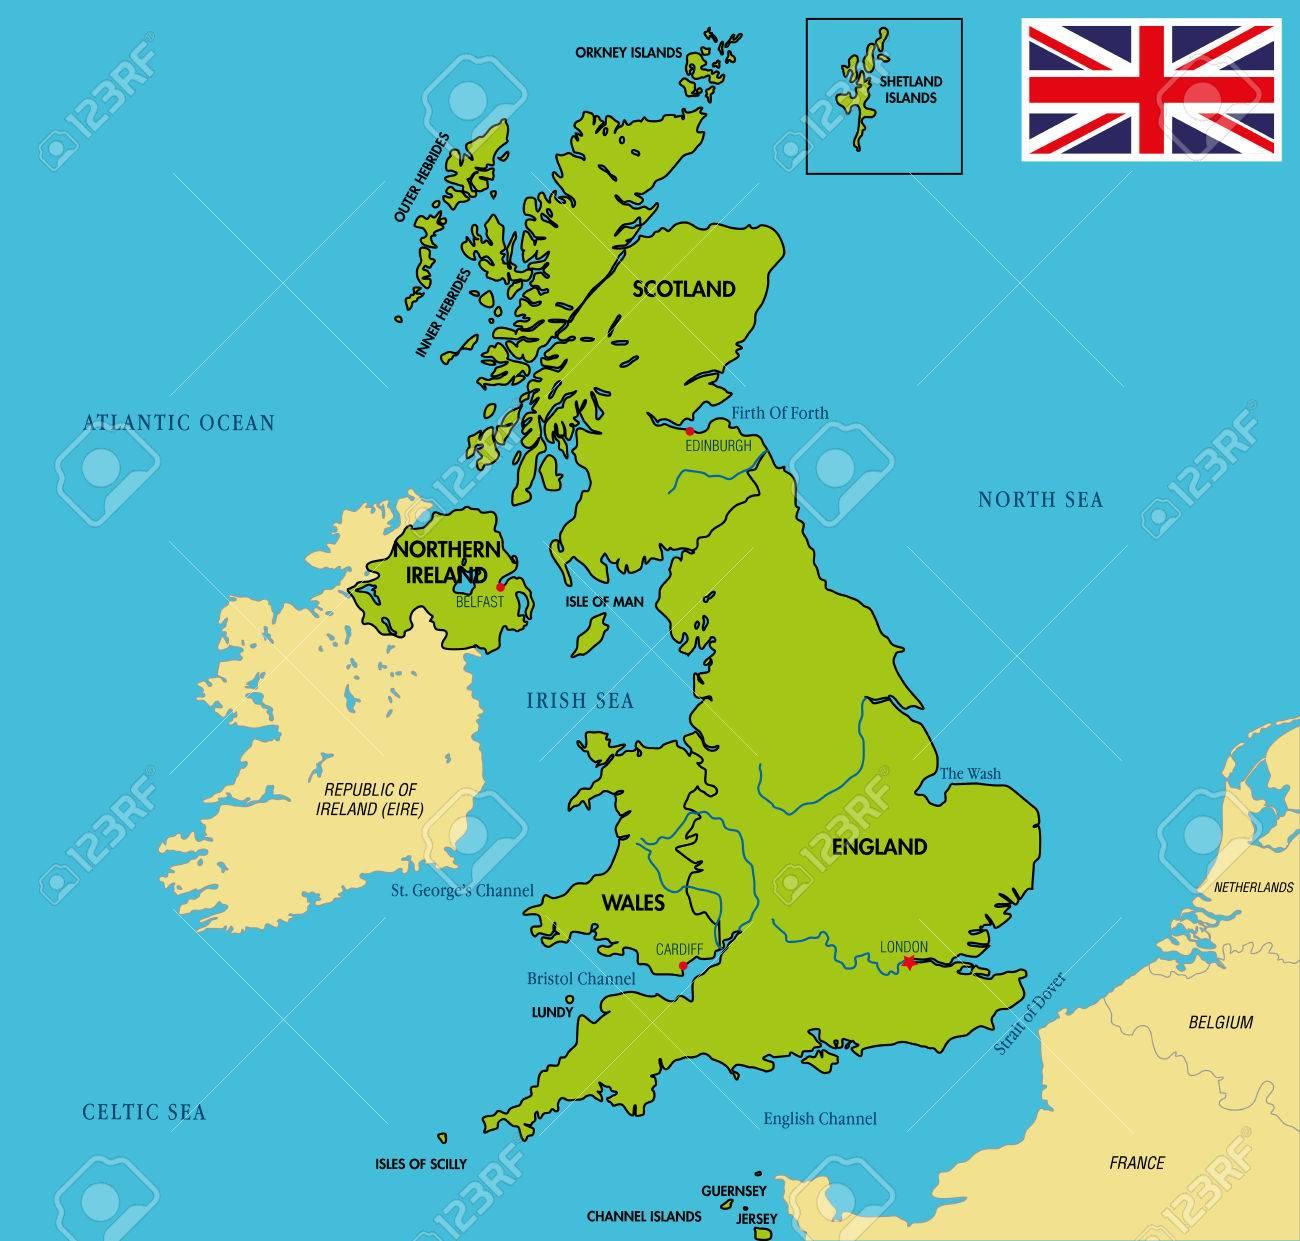 Carte Royaume Unis.Vector Une Carte Politique Tres Detaillee Du Royaume Uni De Grande Bretagne Et D Irlande Du Nord Avec Les Regions Et Leurs Capitales